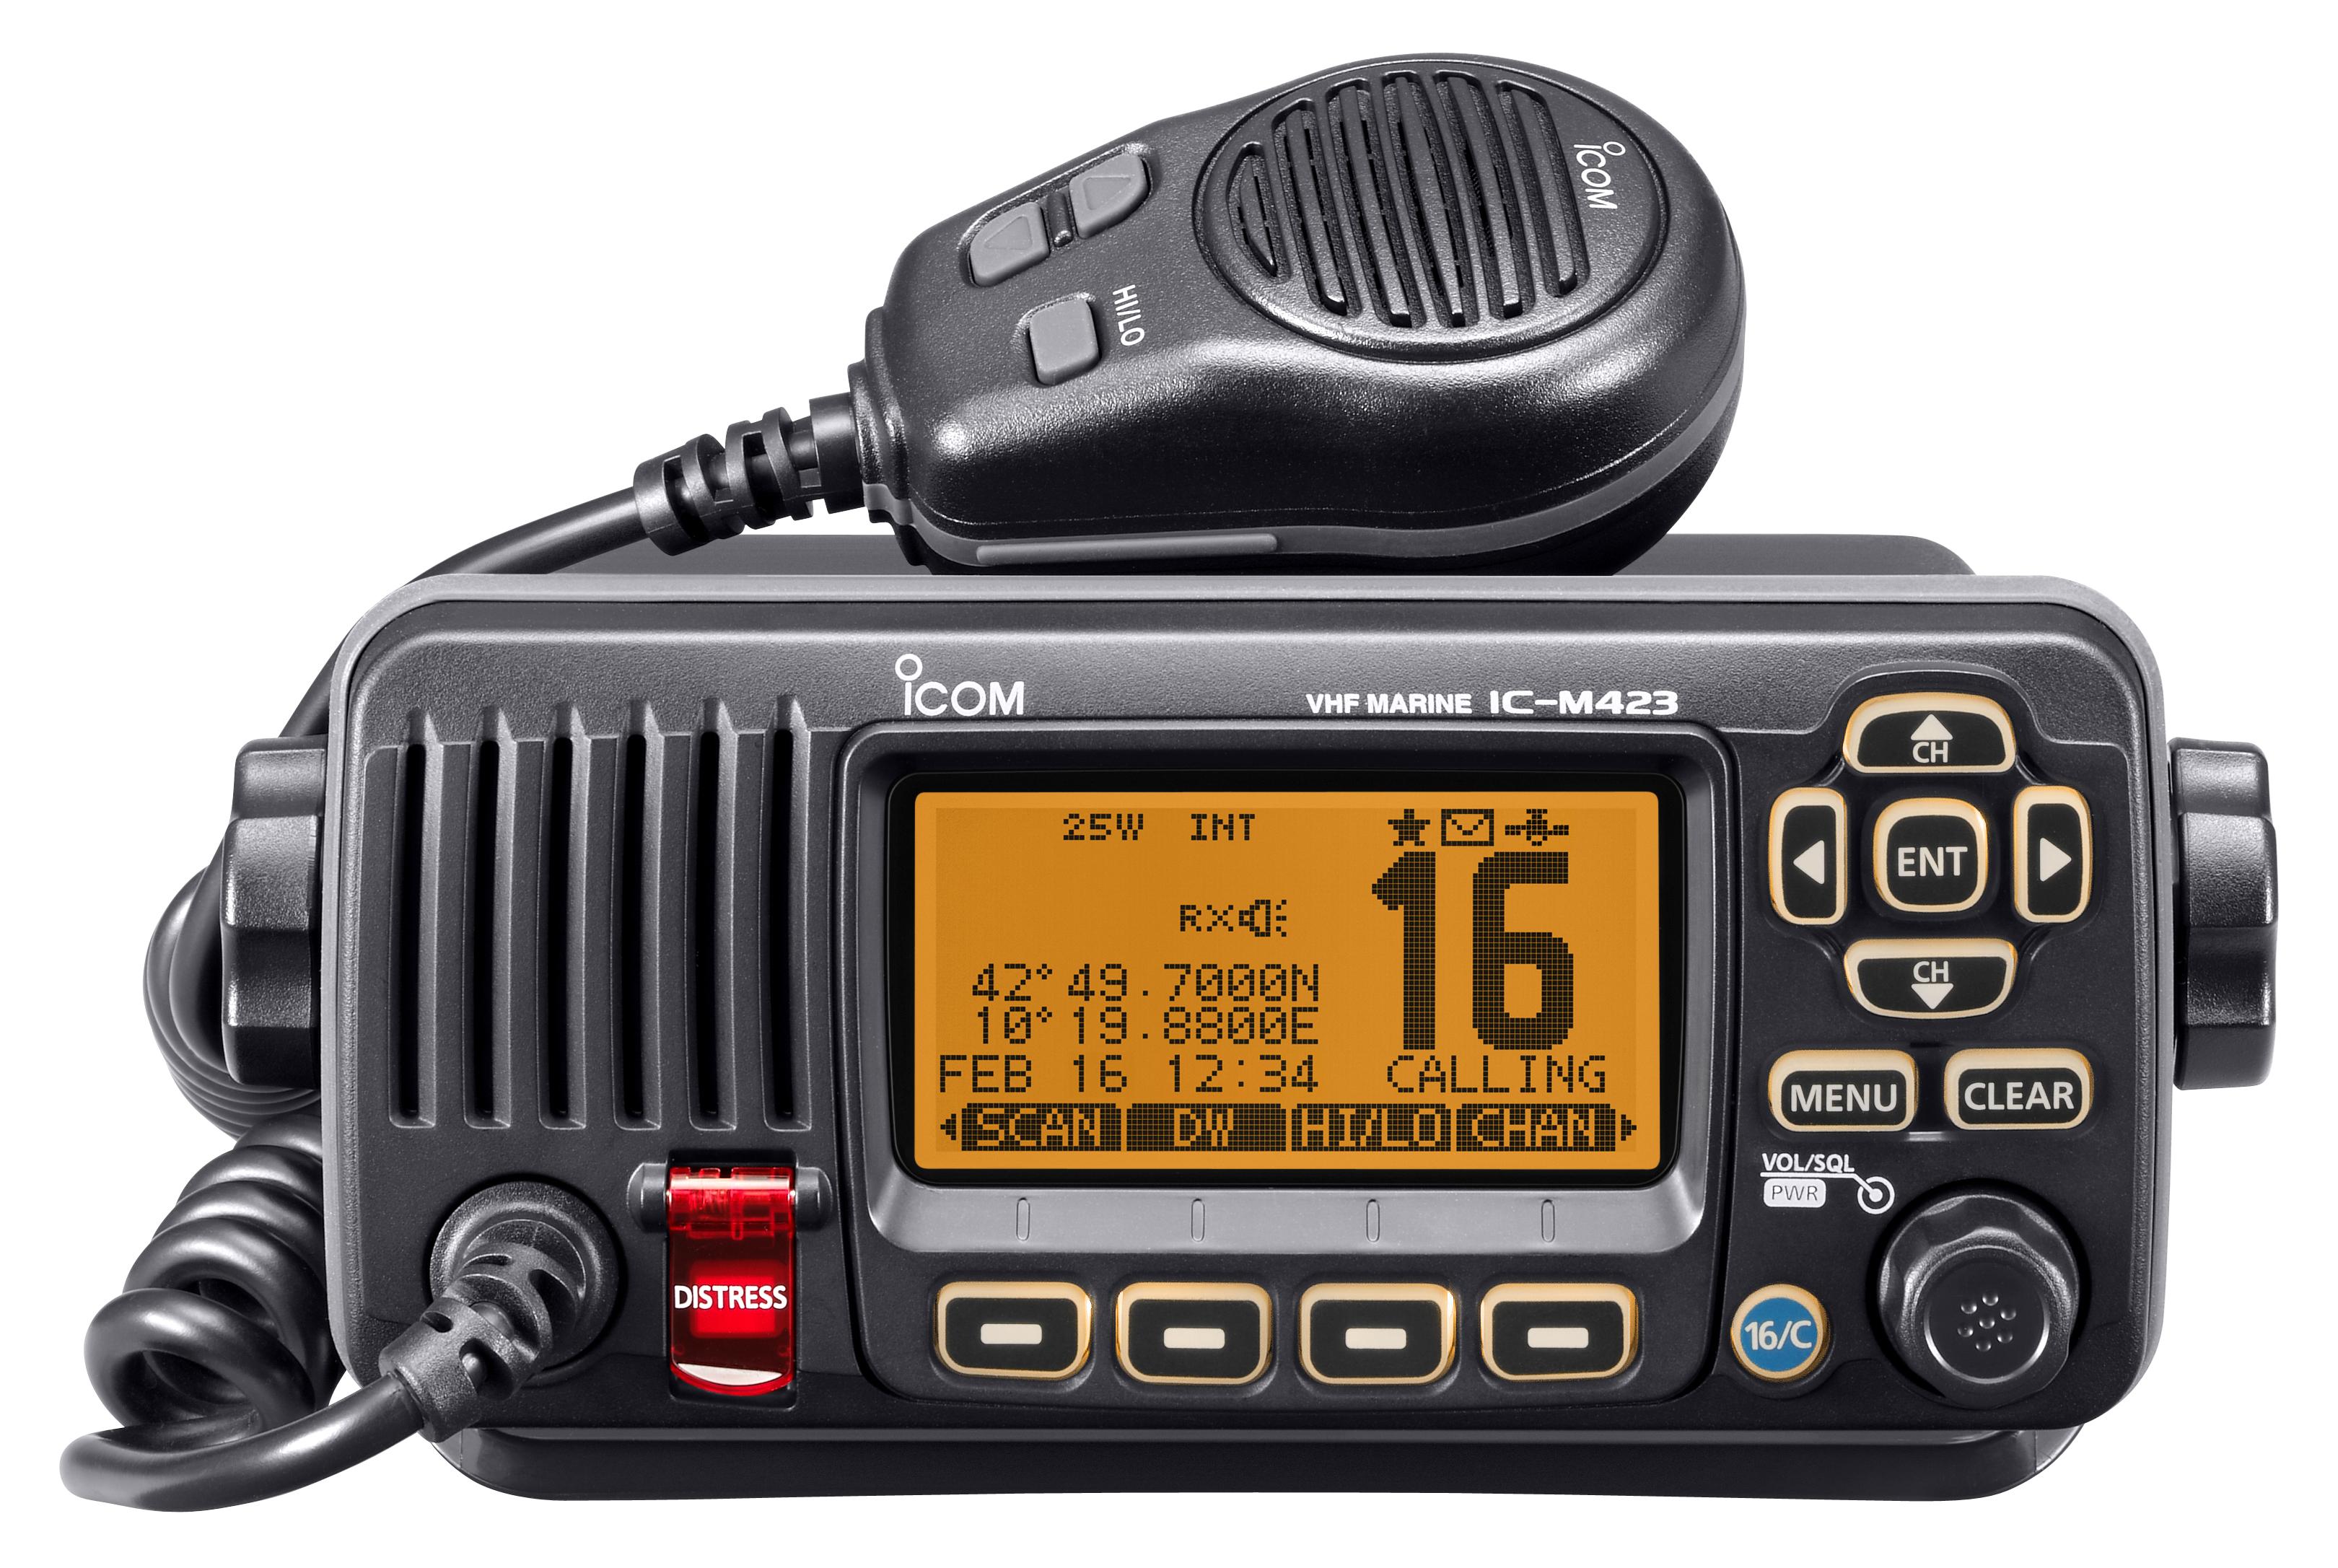 An ICOM VHF receiver)